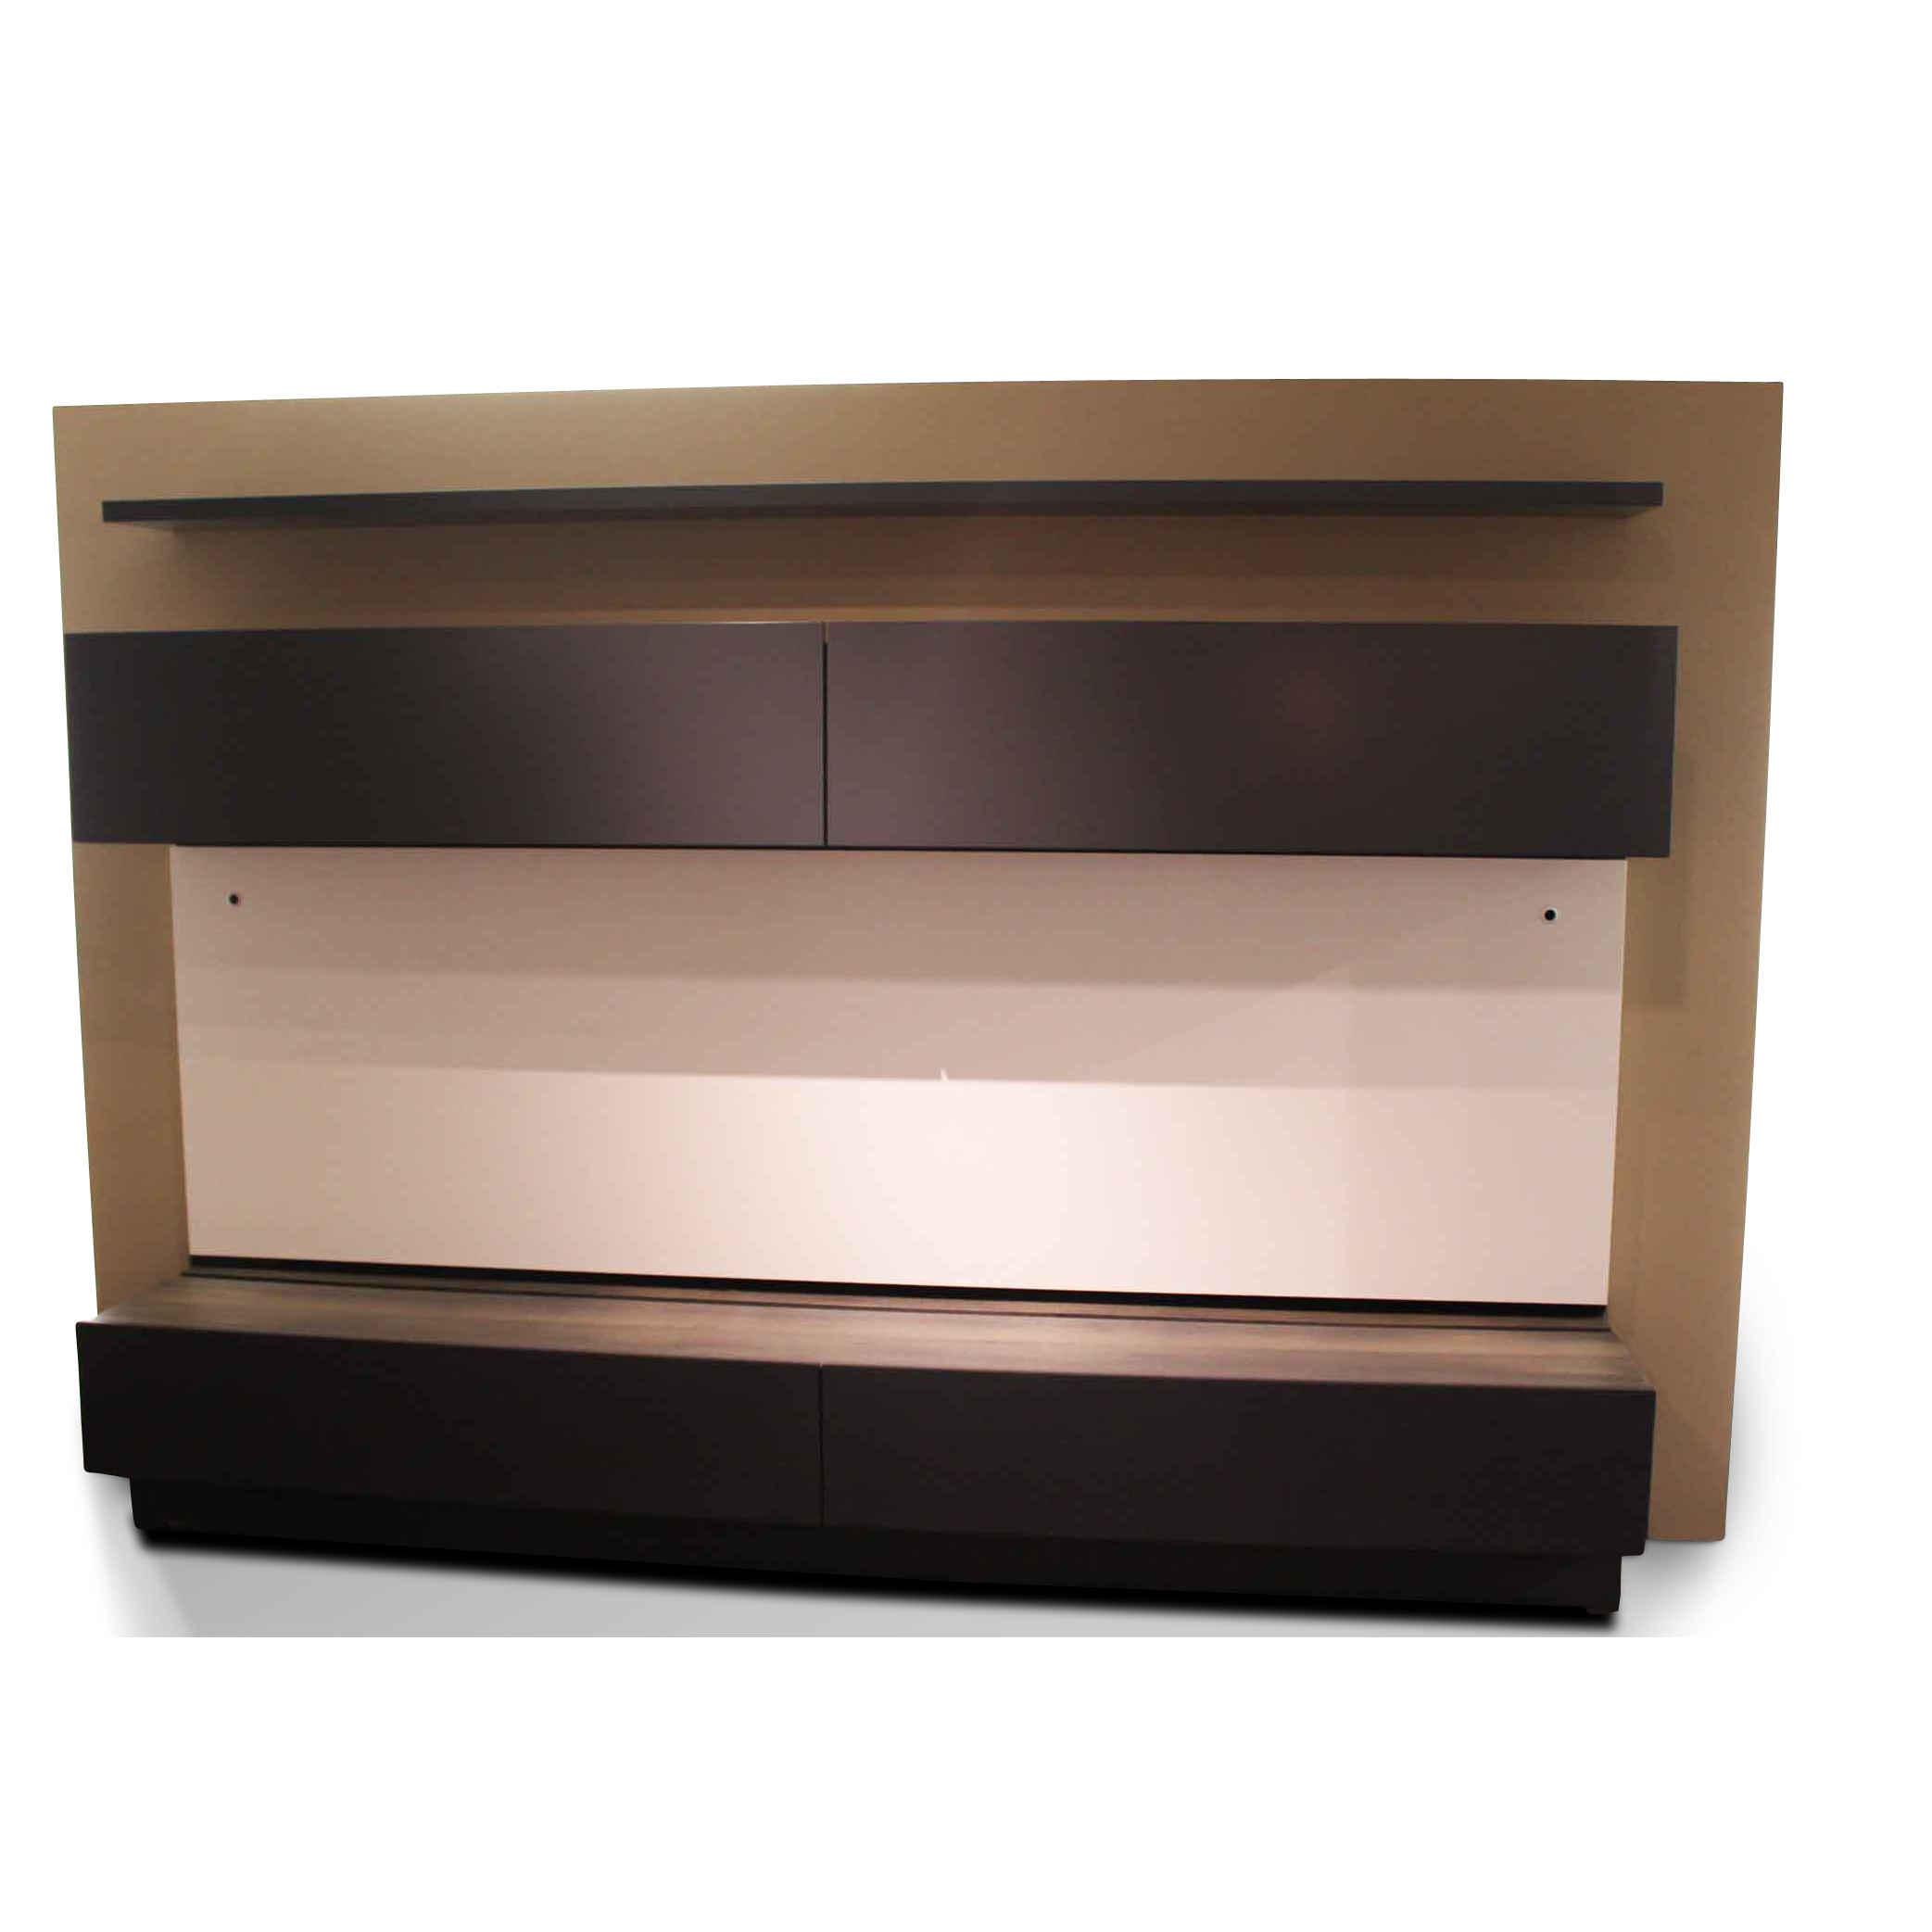 neue m bel eingetroffen ausstellungsst cke angebote. Black Bedroom Furniture Sets. Home Design Ideas